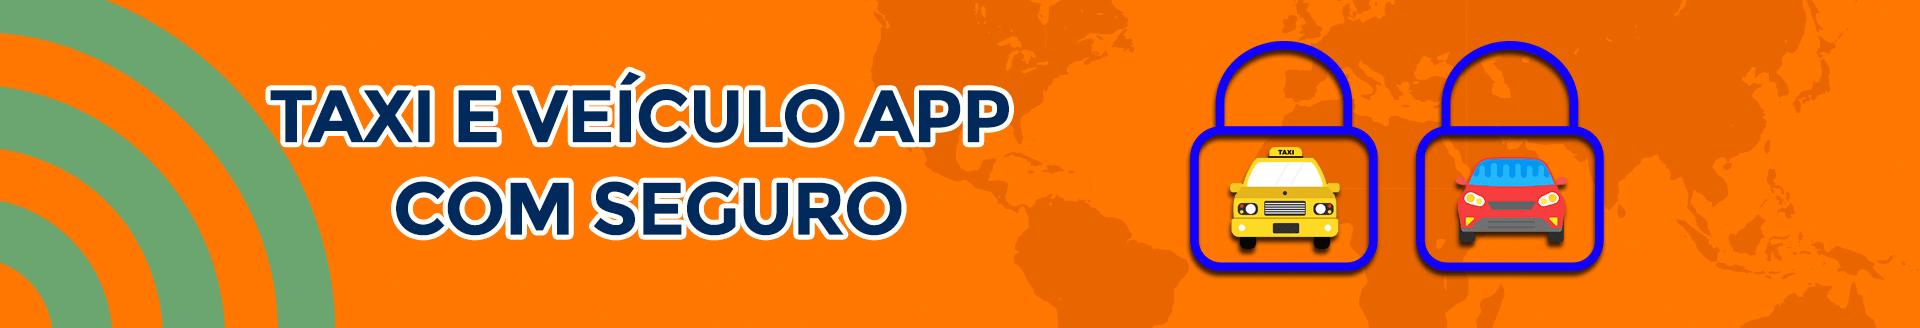 seguro-taxi-veicul-app